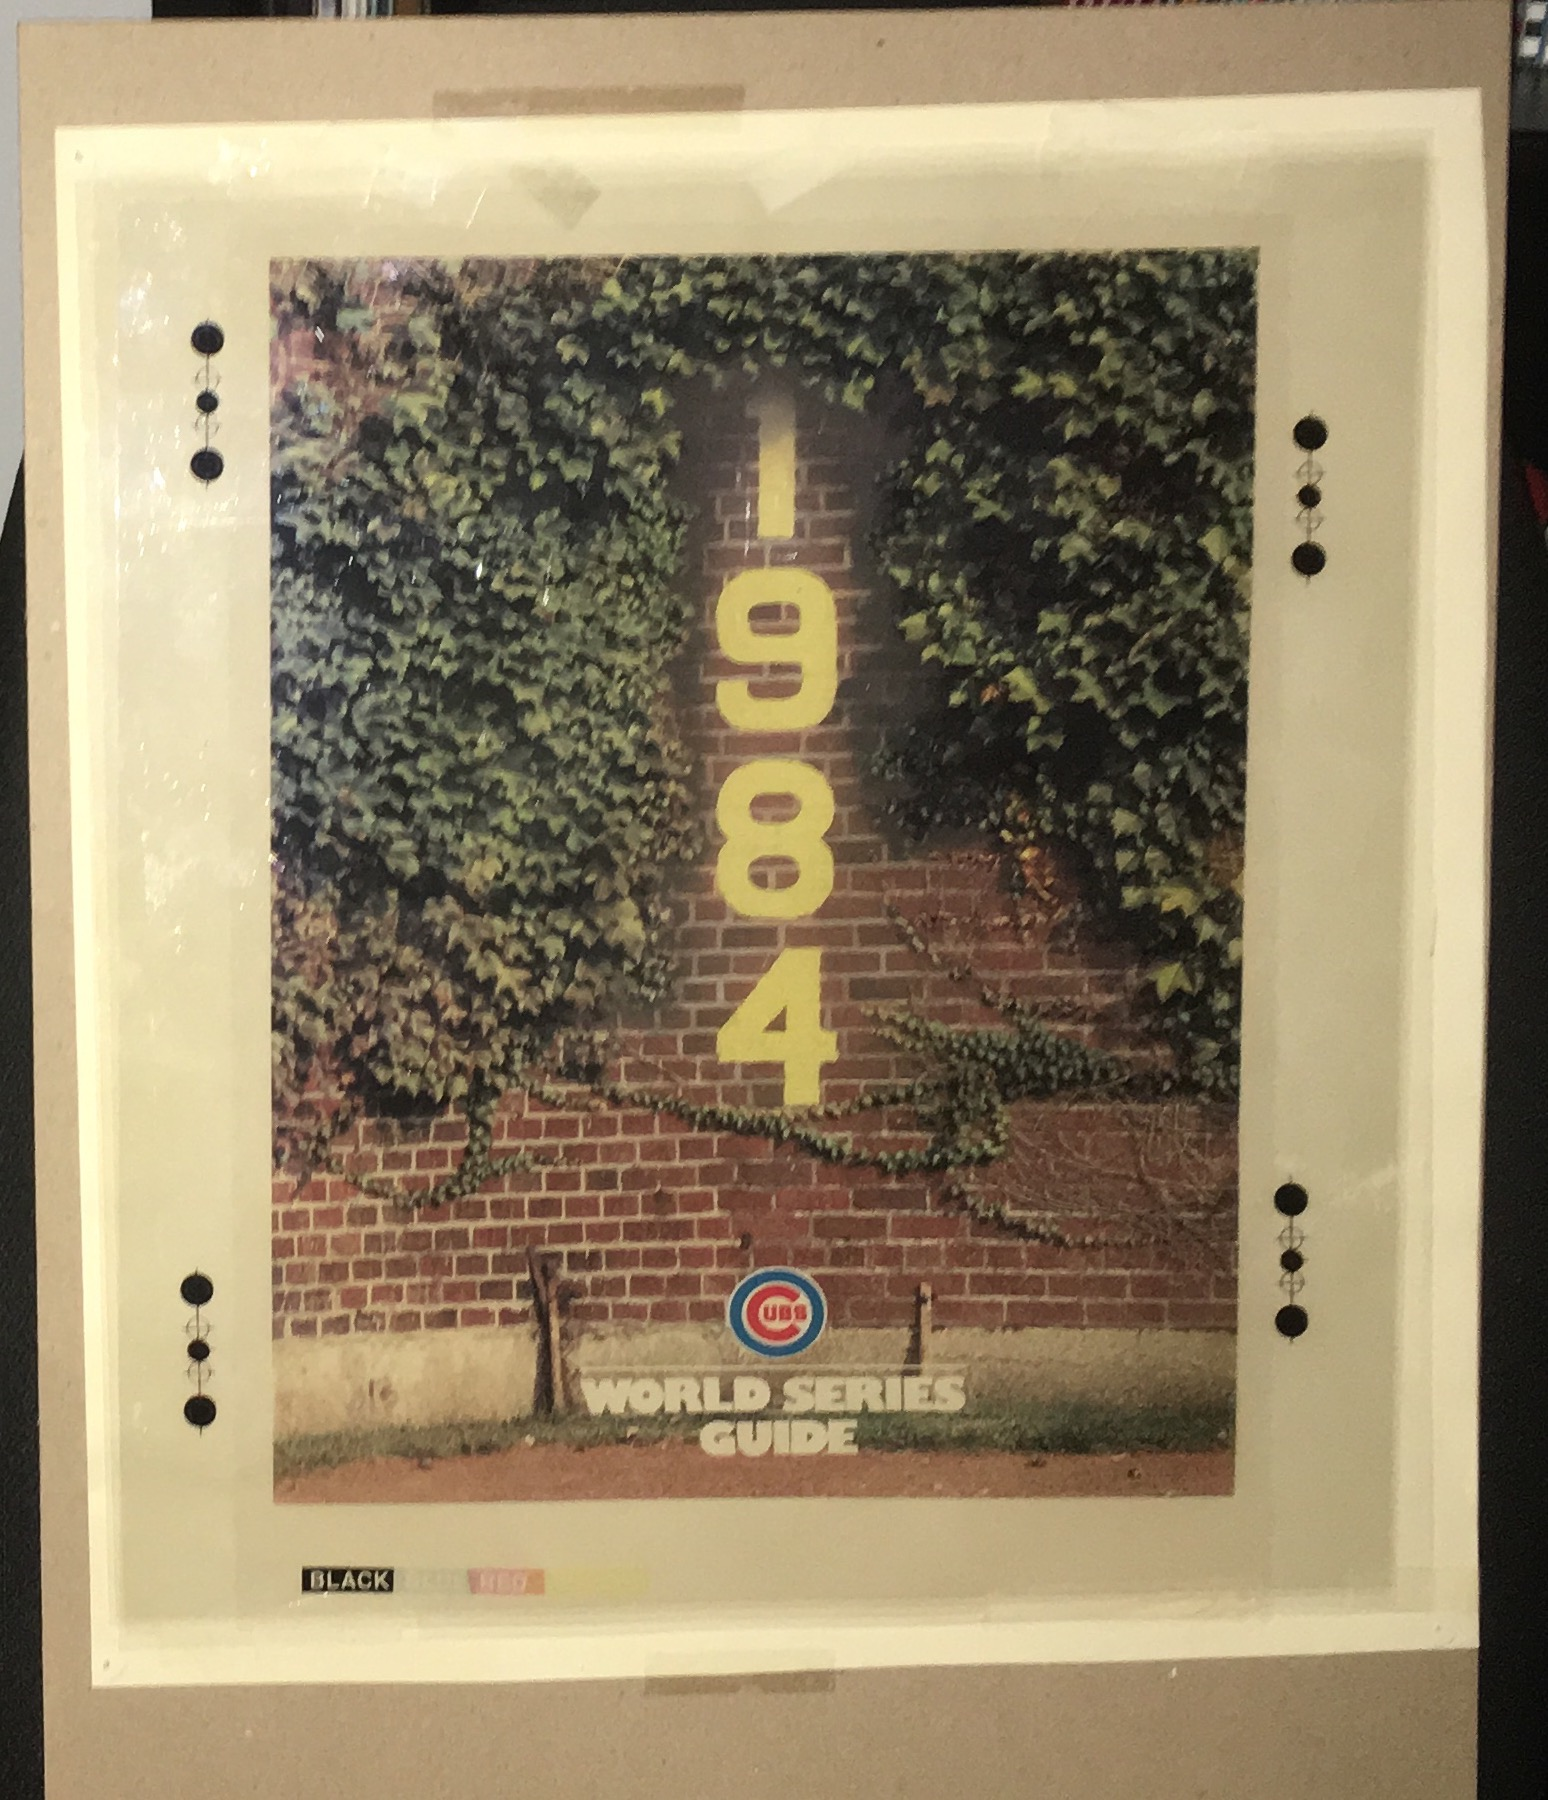 1984_guide